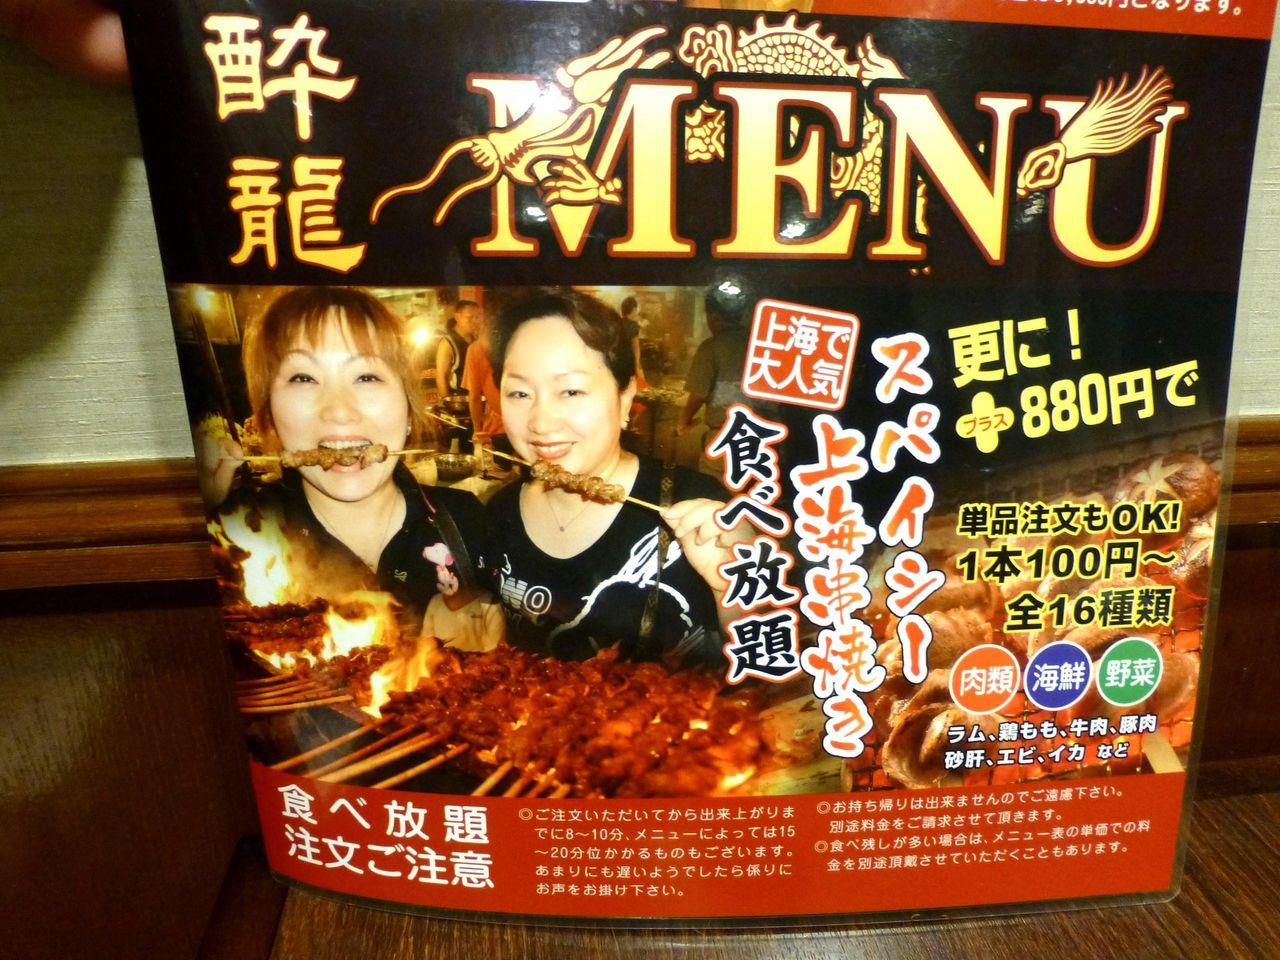 姉妹店「酔龍」のメニュー(26年11月現在)